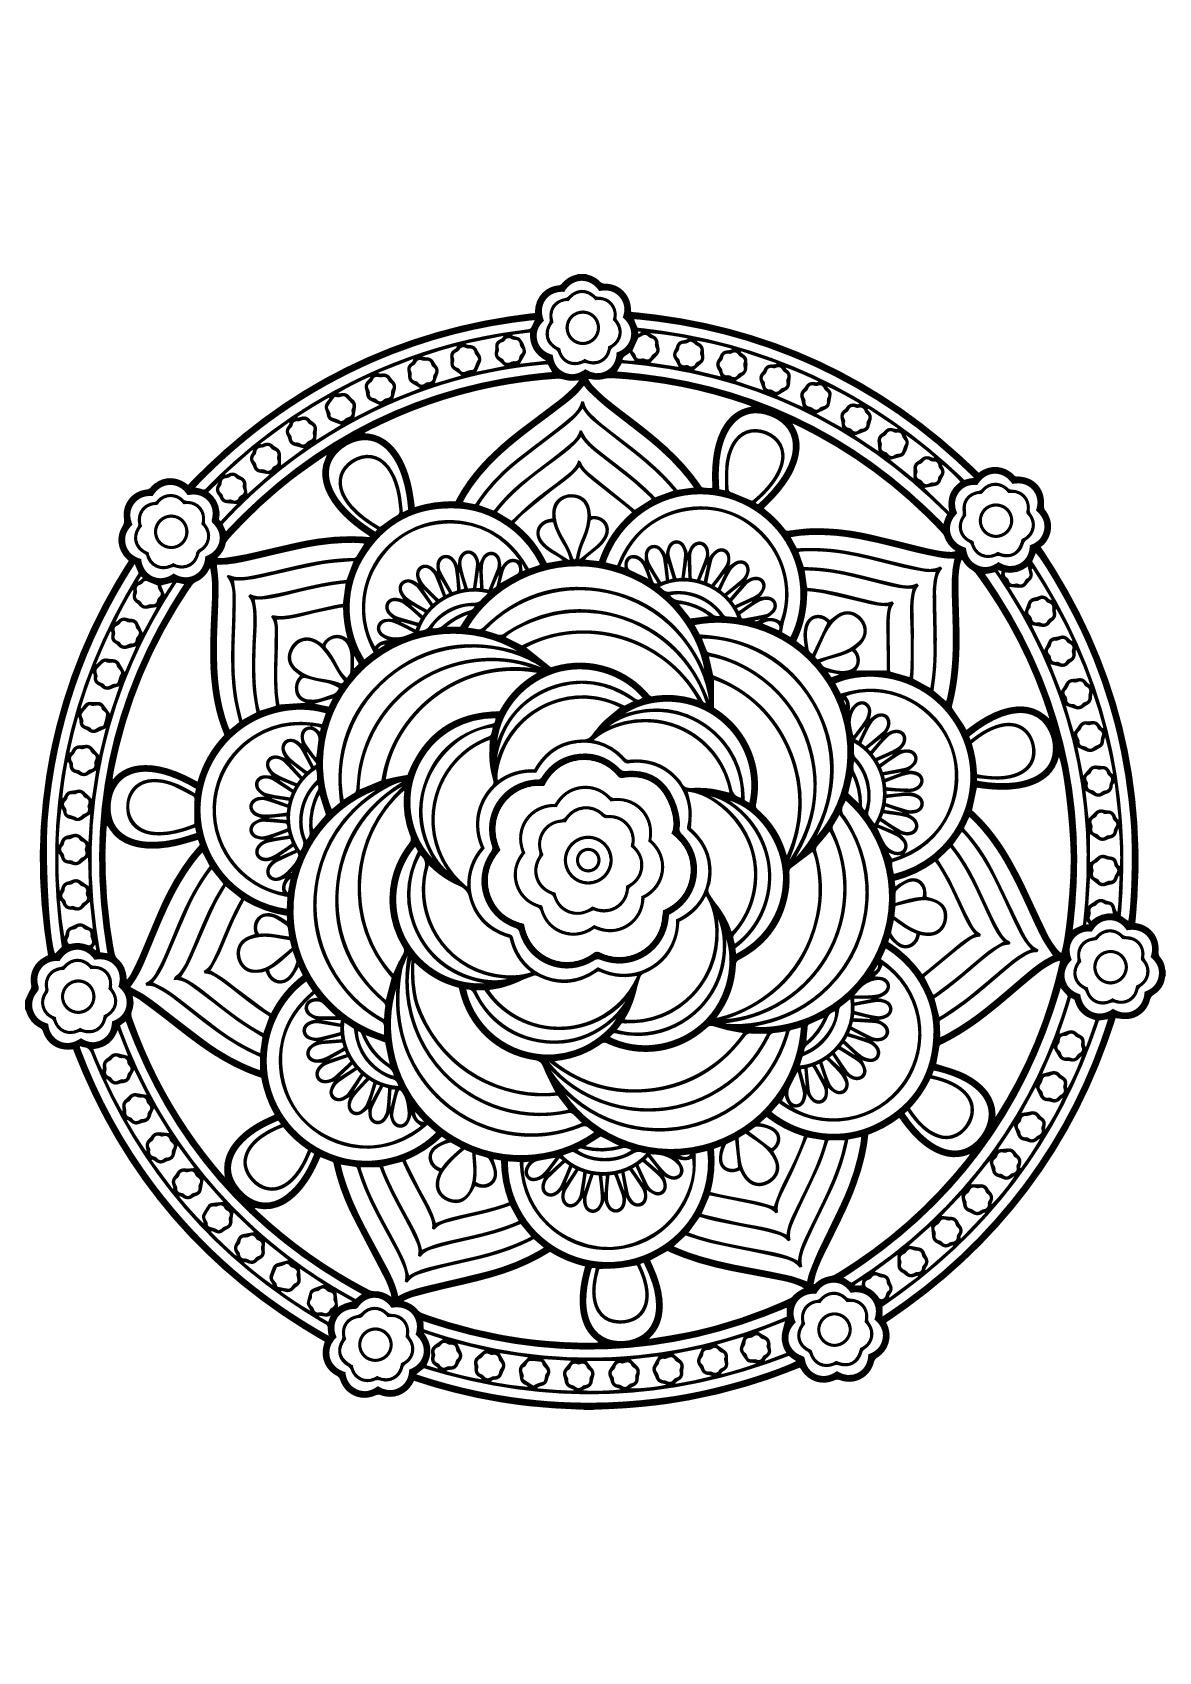 Mandala livre gratuit 7 mandalas coloriages difficiles - Coloriage a imprimer mandala gratuit ...